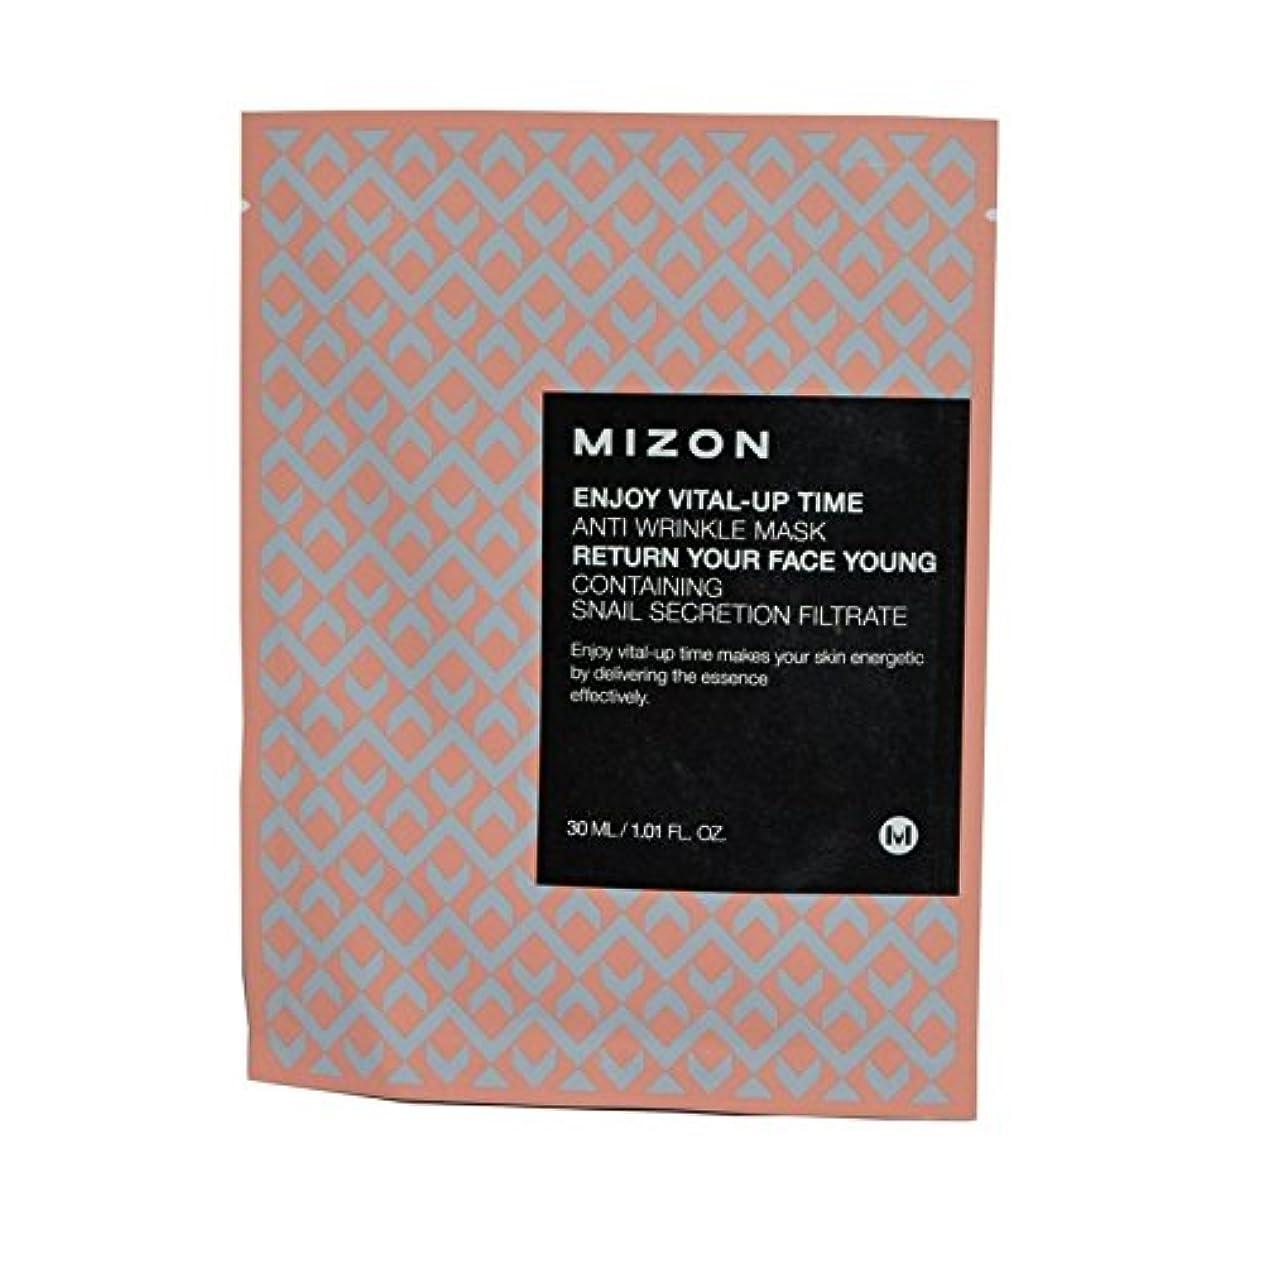 ディレイシーボード邪魔するMizon Enjoy Vital Up Time Anti-Wrinkle Mask - が不可欠アップ時間抗しわマスクを楽しみます [並行輸入品]